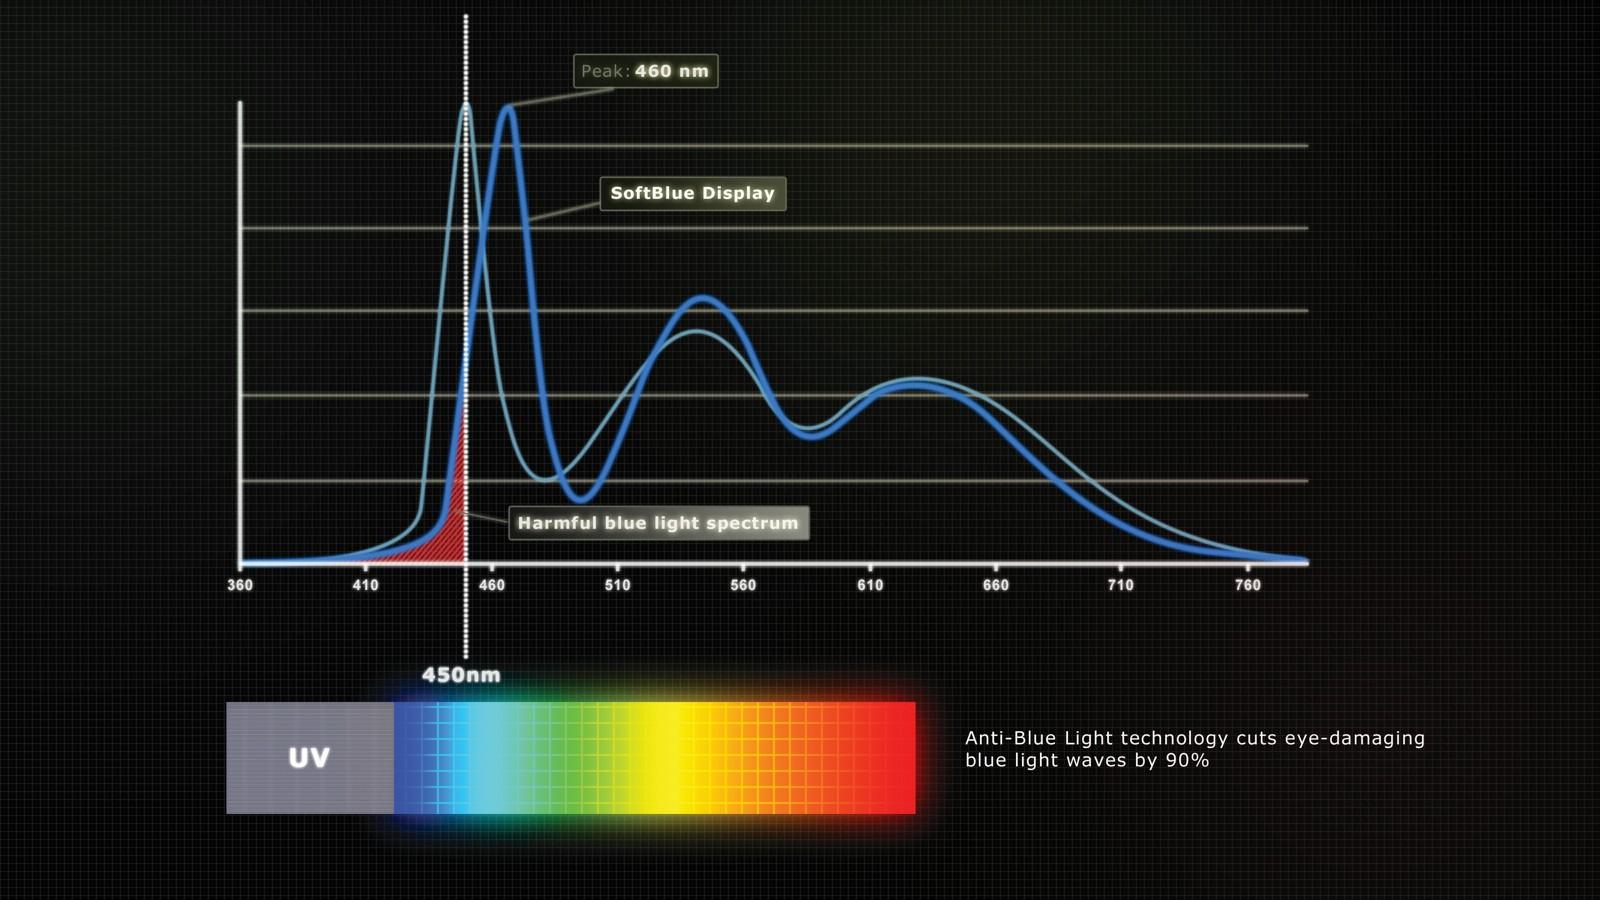 Monitore: Blaues Licht - Das schädliche Spektrum liegt vor allem zwischen 410 und 450 nm. Monitore mit reduziertem Blaulichtspektrum vermeiden es weitgehend. Grafik: AOC